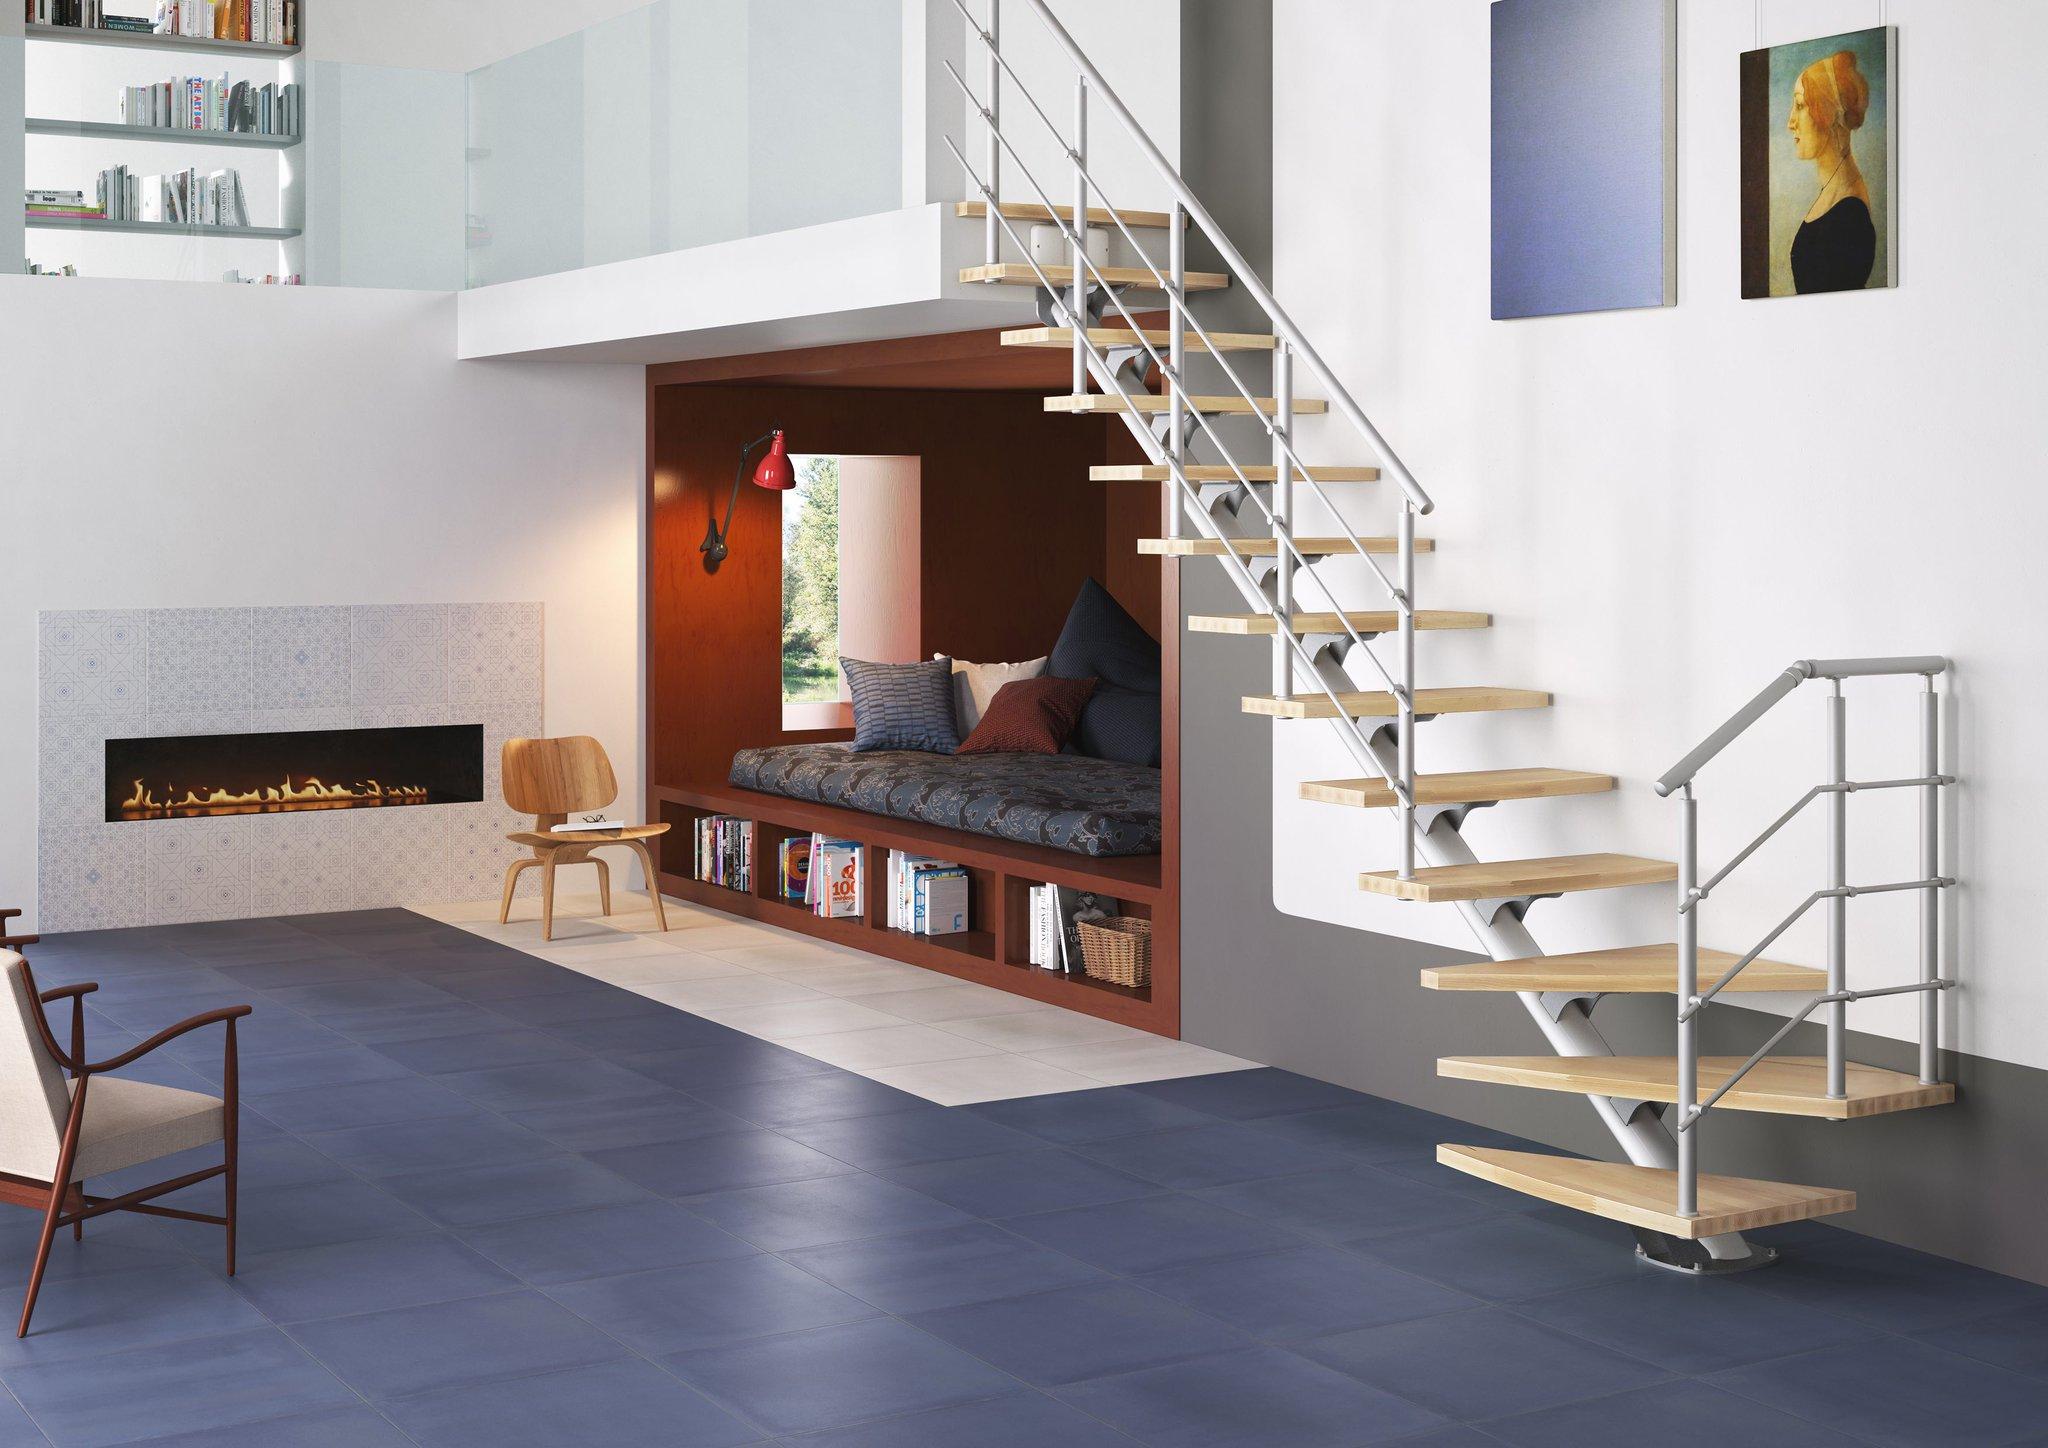 Ringhiera Scala Fai Da Te scale interne e ringhiere: soluzioni accessibili per case da